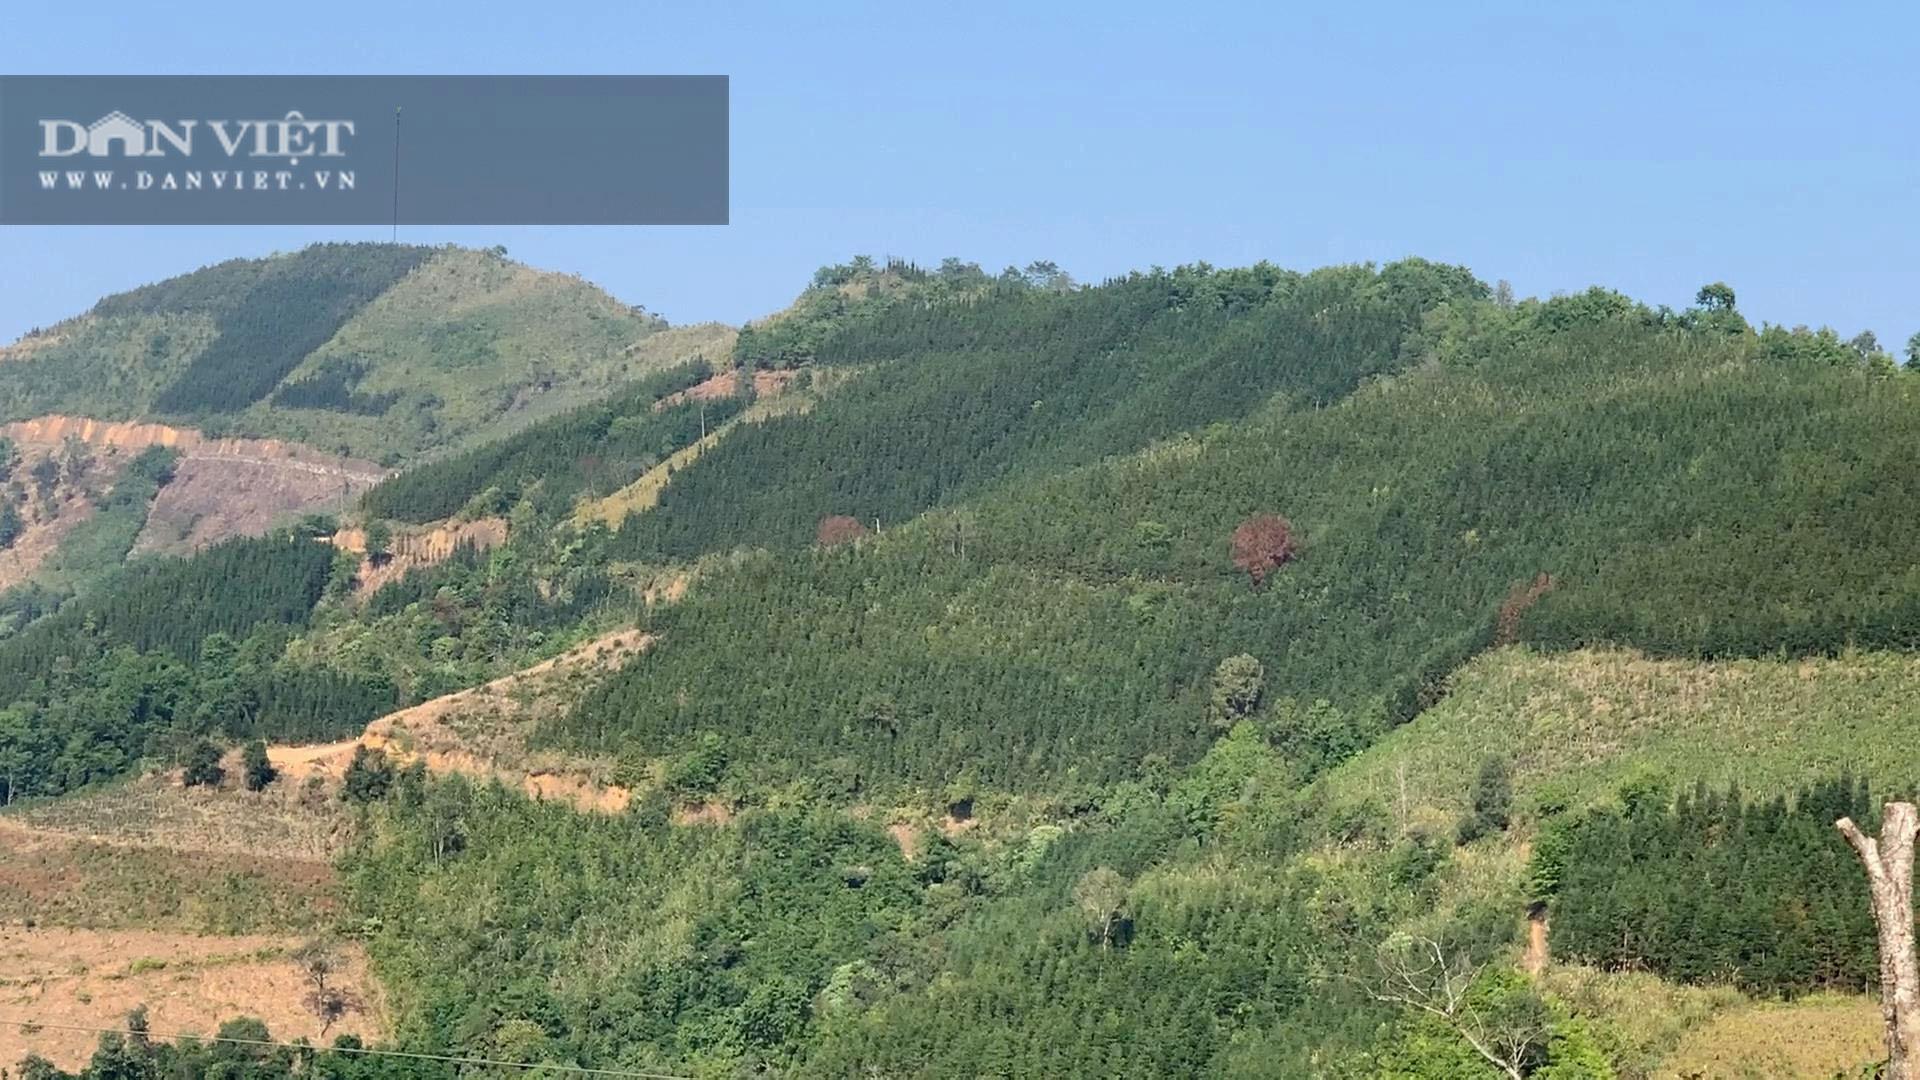 Không có người mua, 119ha cây sa mộc ở xã vùng biên Cốc Pàng có nguy cơ thành củi - Ảnh 3.